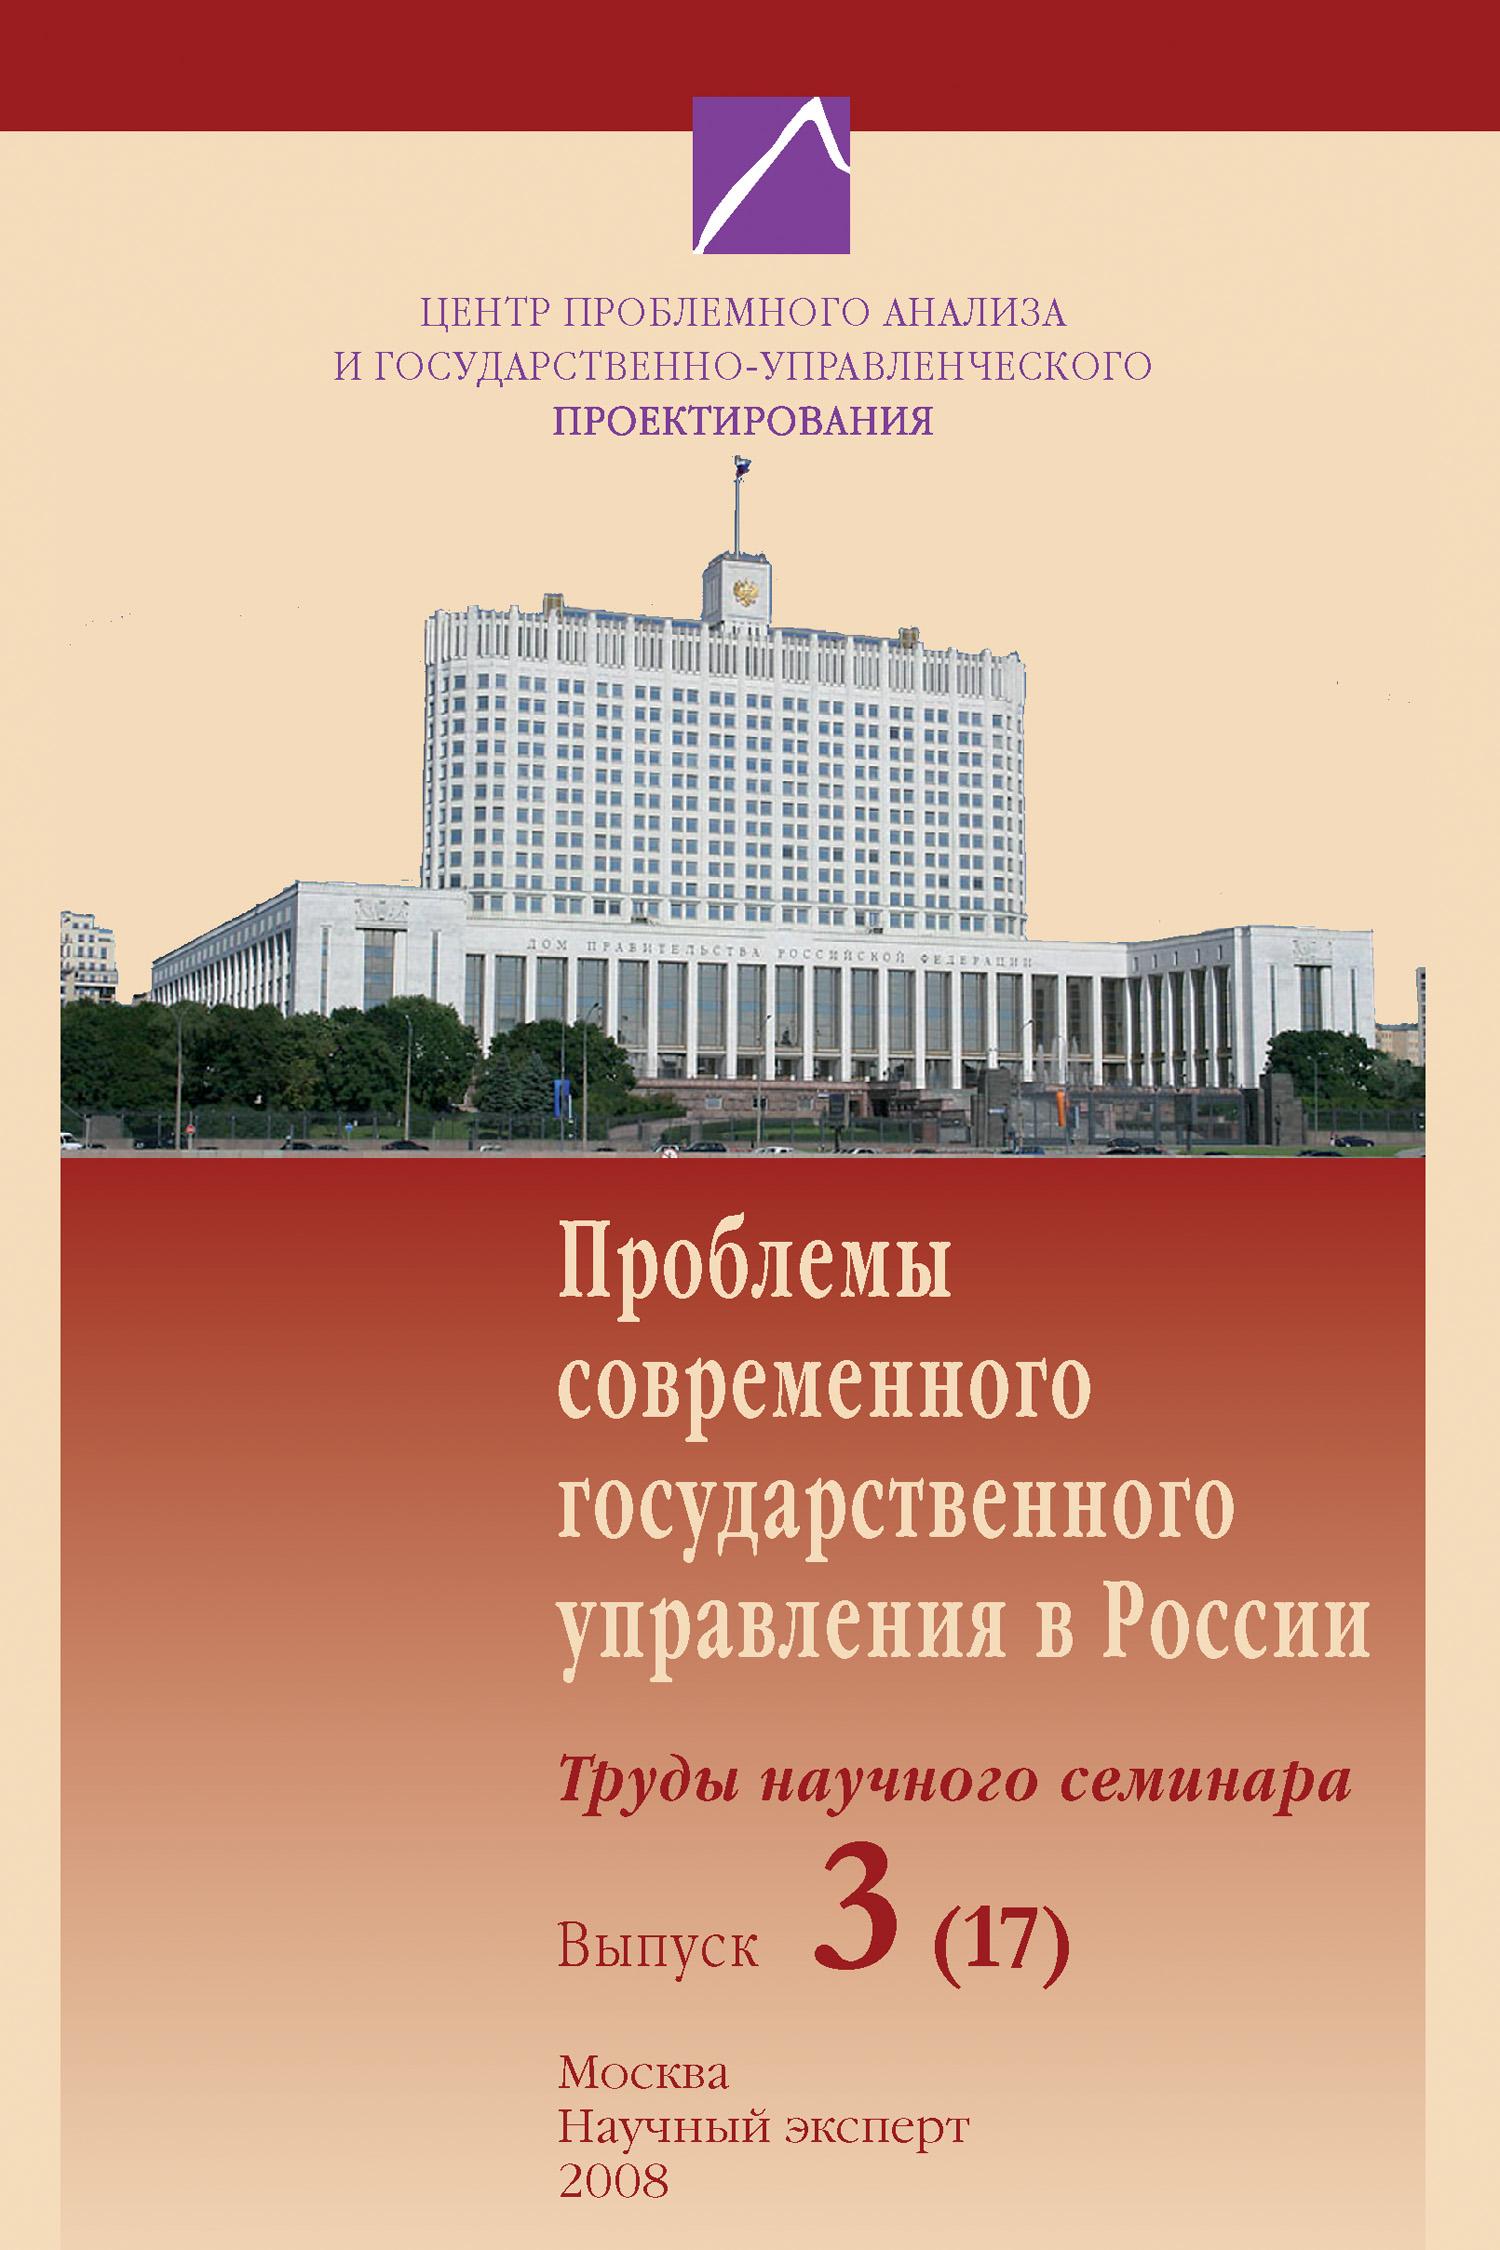 Проблемы современного государственного управления в России. Выпуск №3 (17), 2008